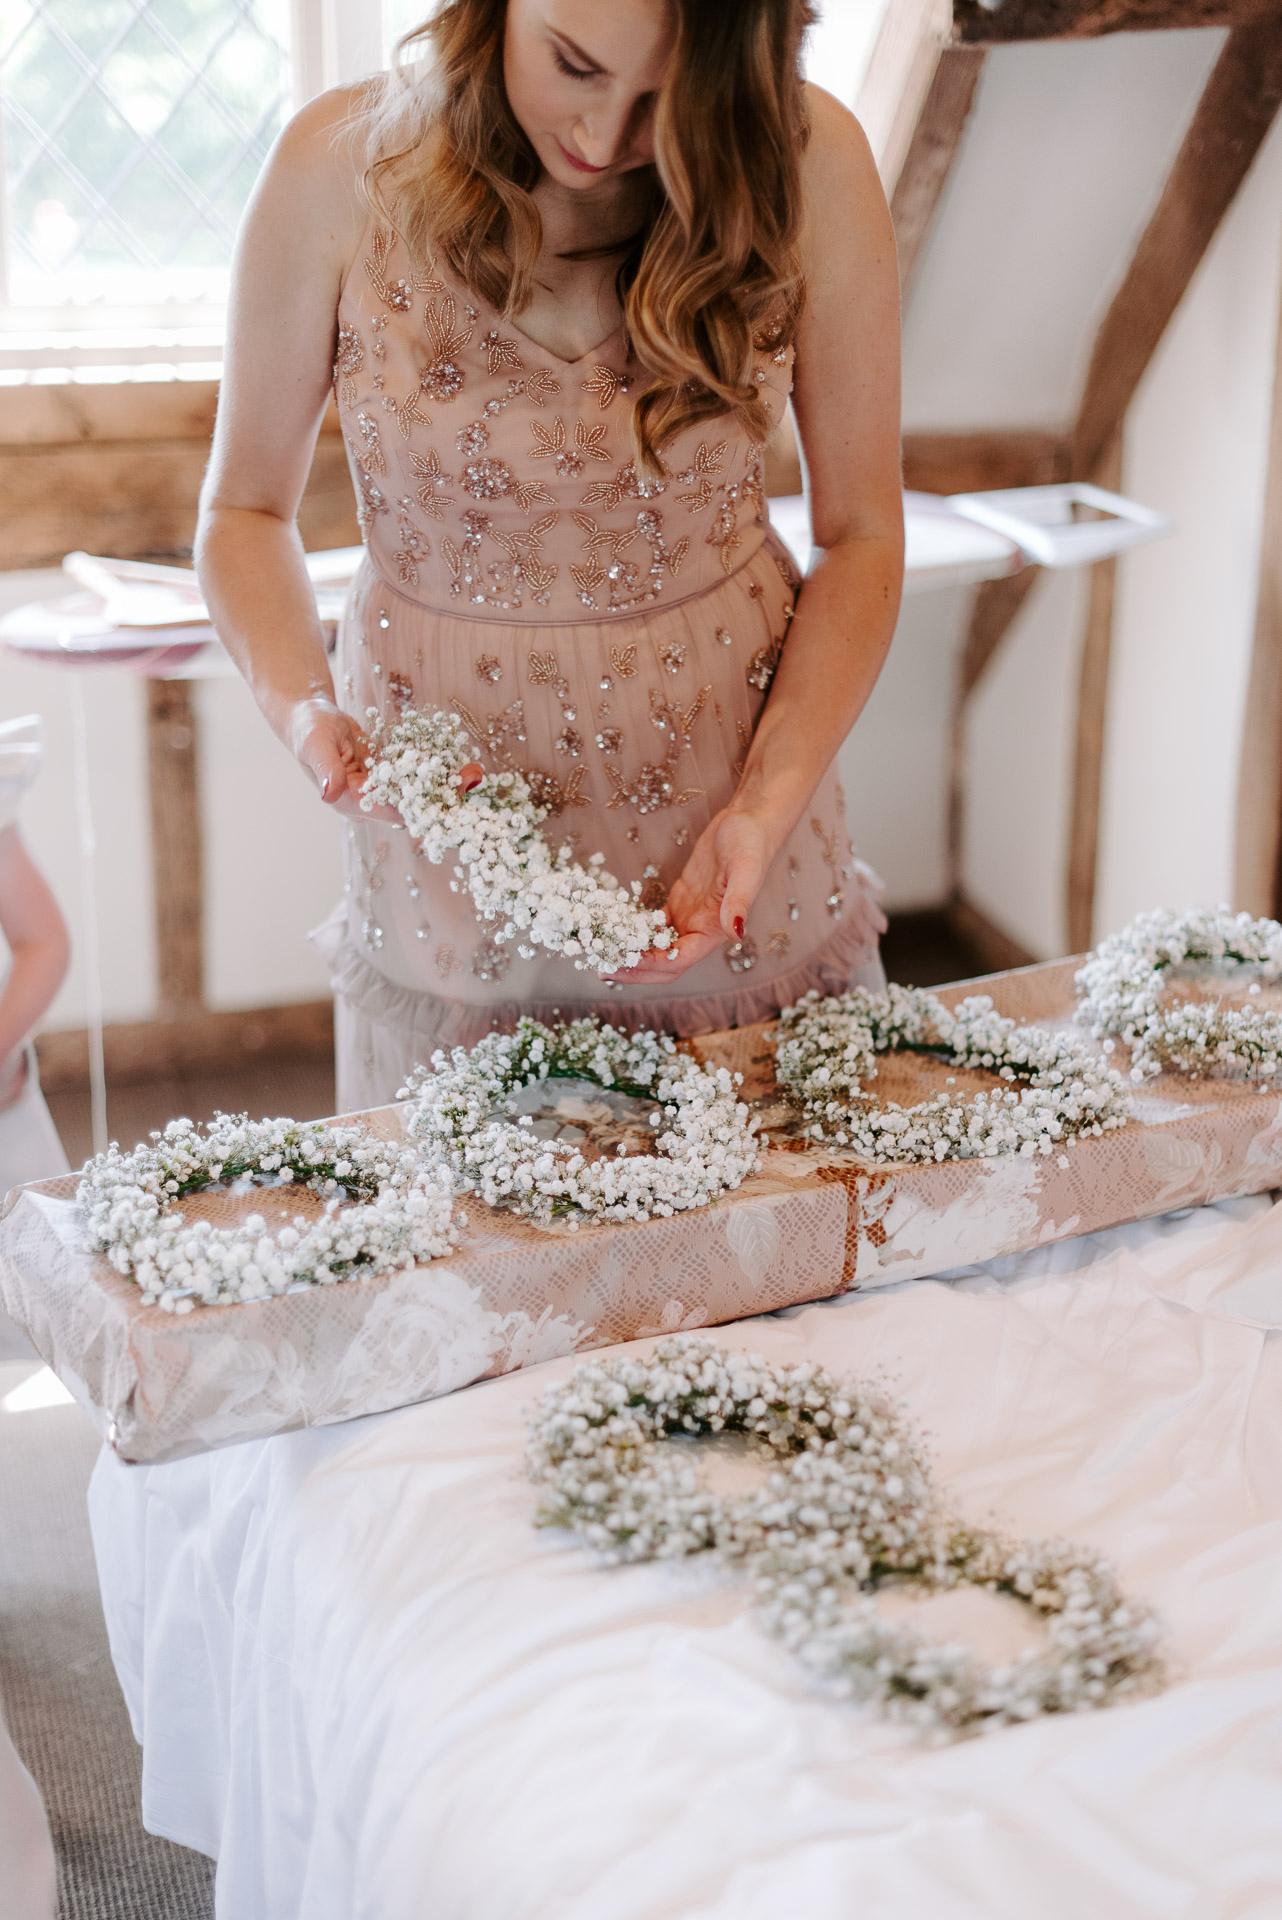 Henny_Jamie_East Sussex_Wedding_12.jpg